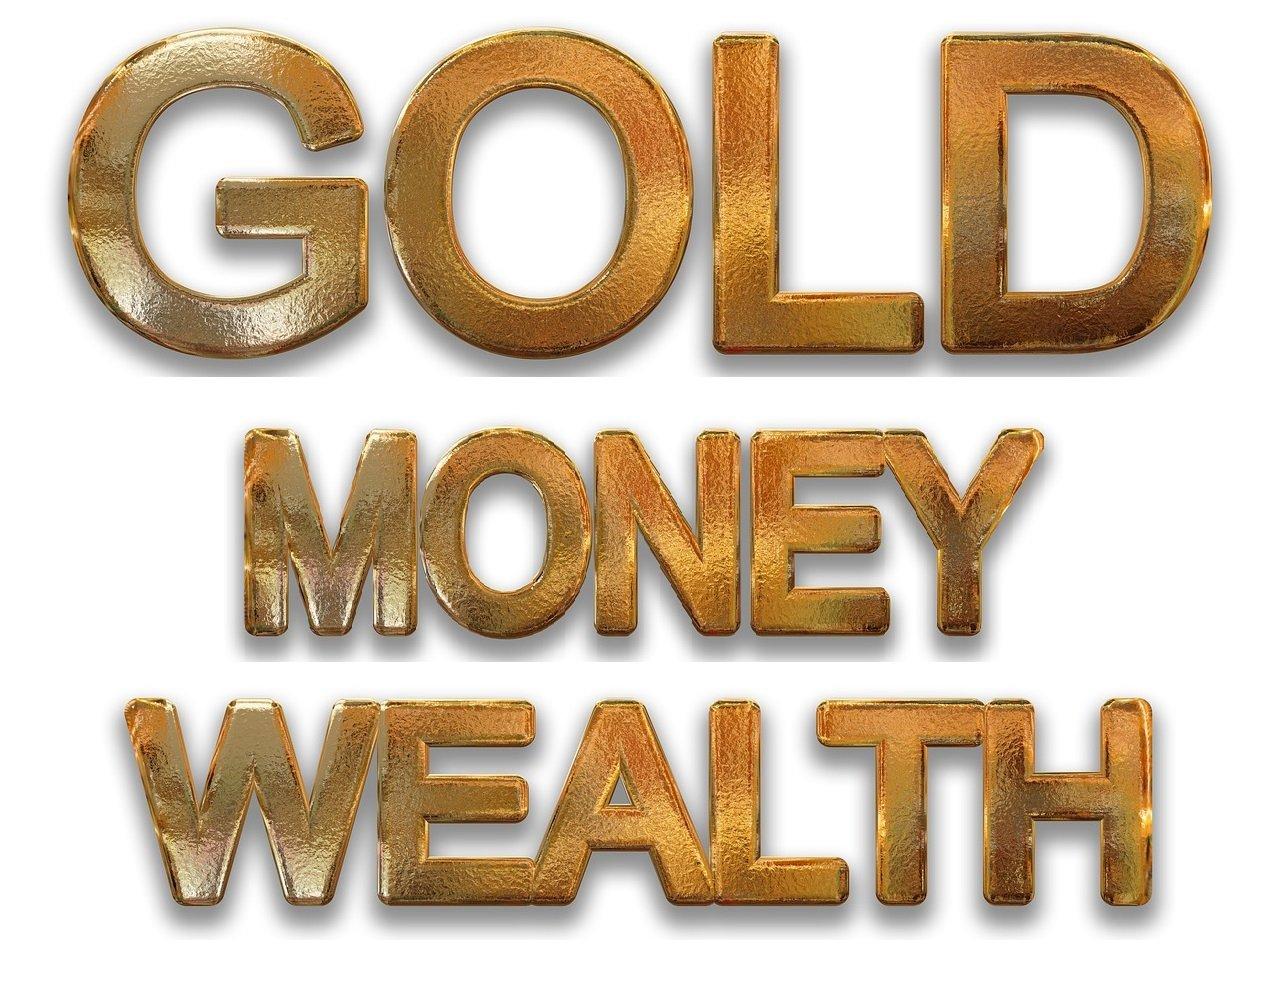 gold_wealrh_money.jpg